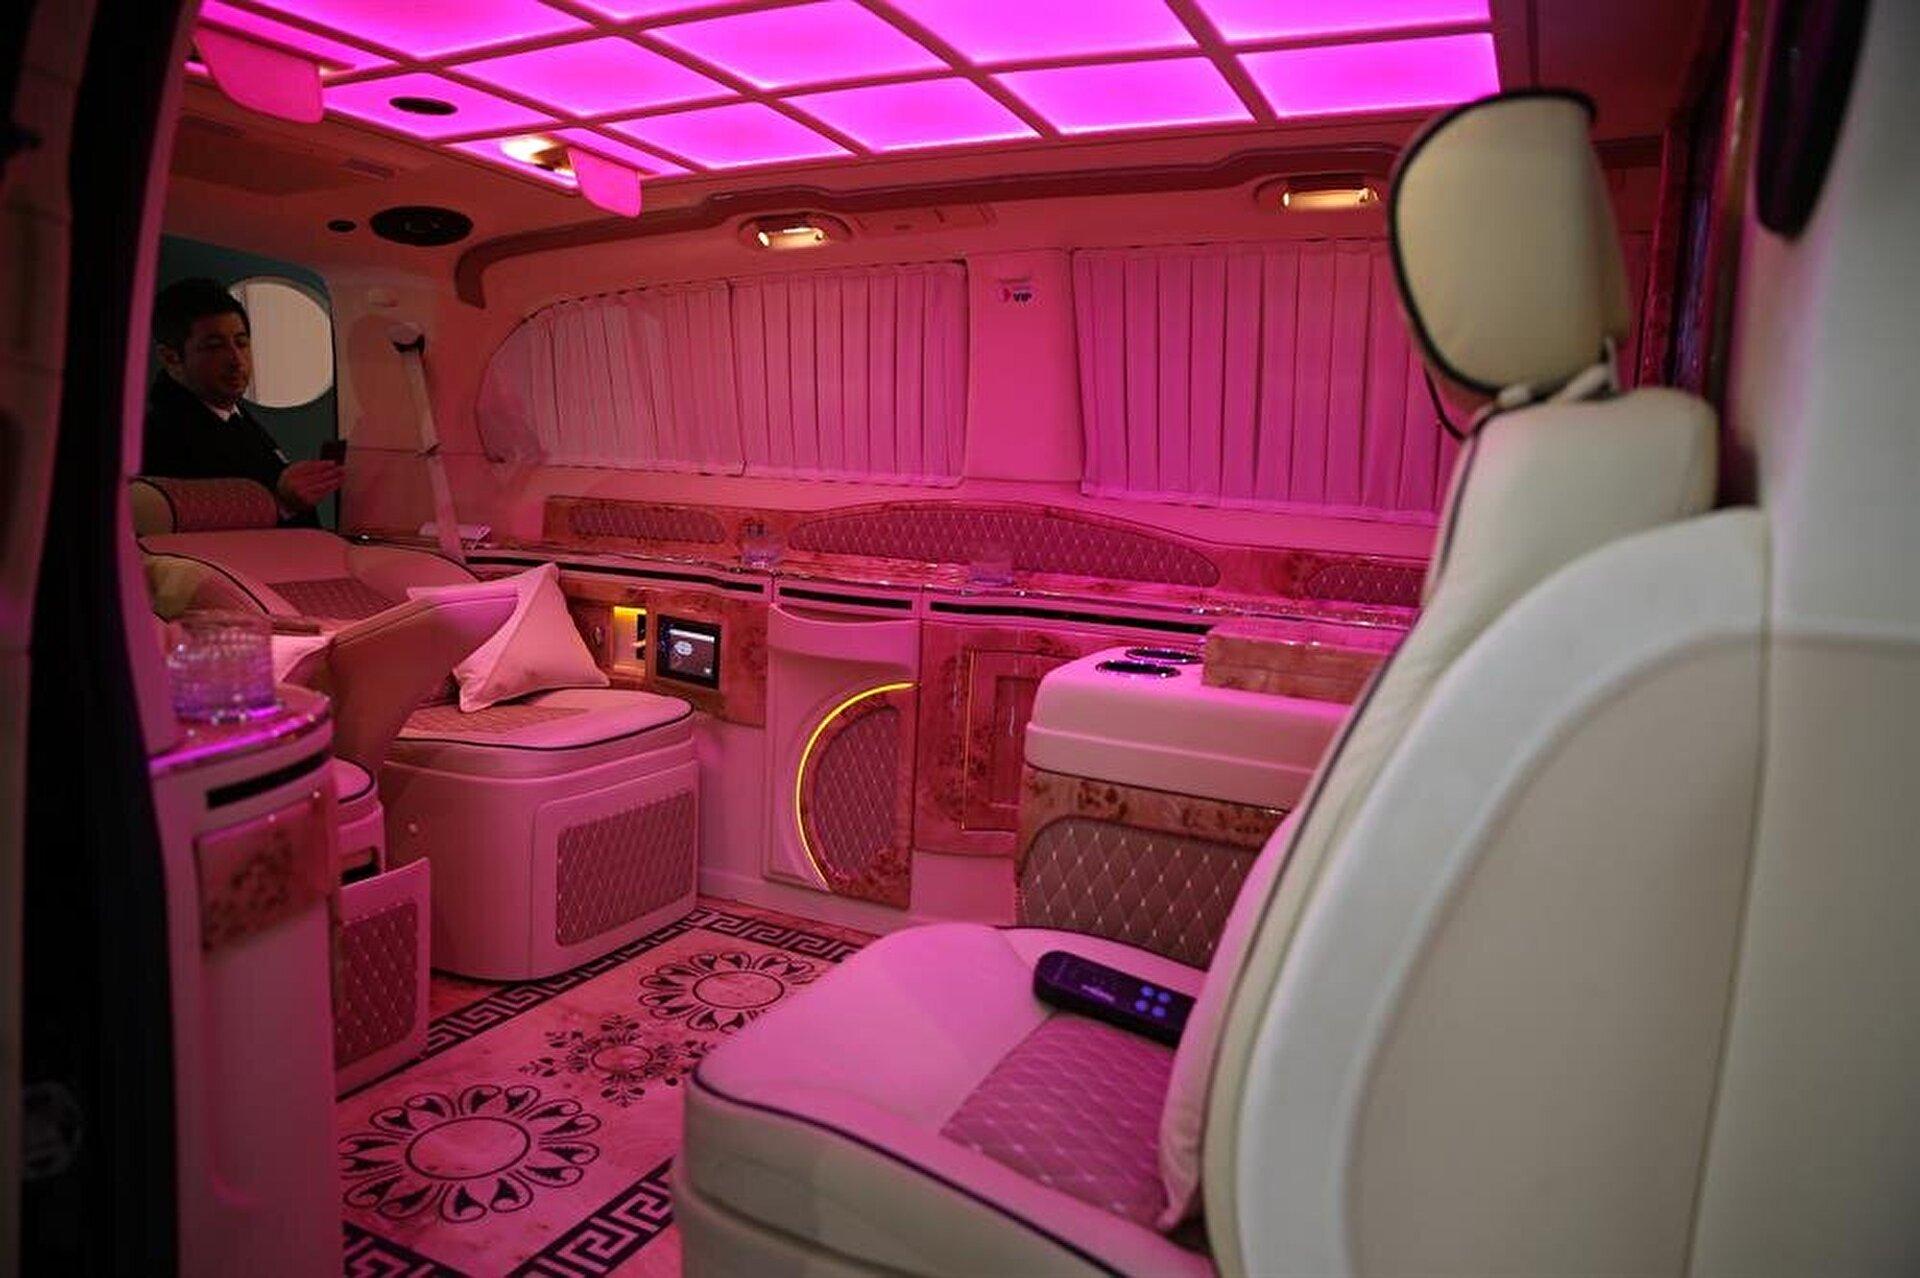 سيارات فارهة بغرفة نوم وحمام.. رغبات الاثرياء تلبيها شركة تركية